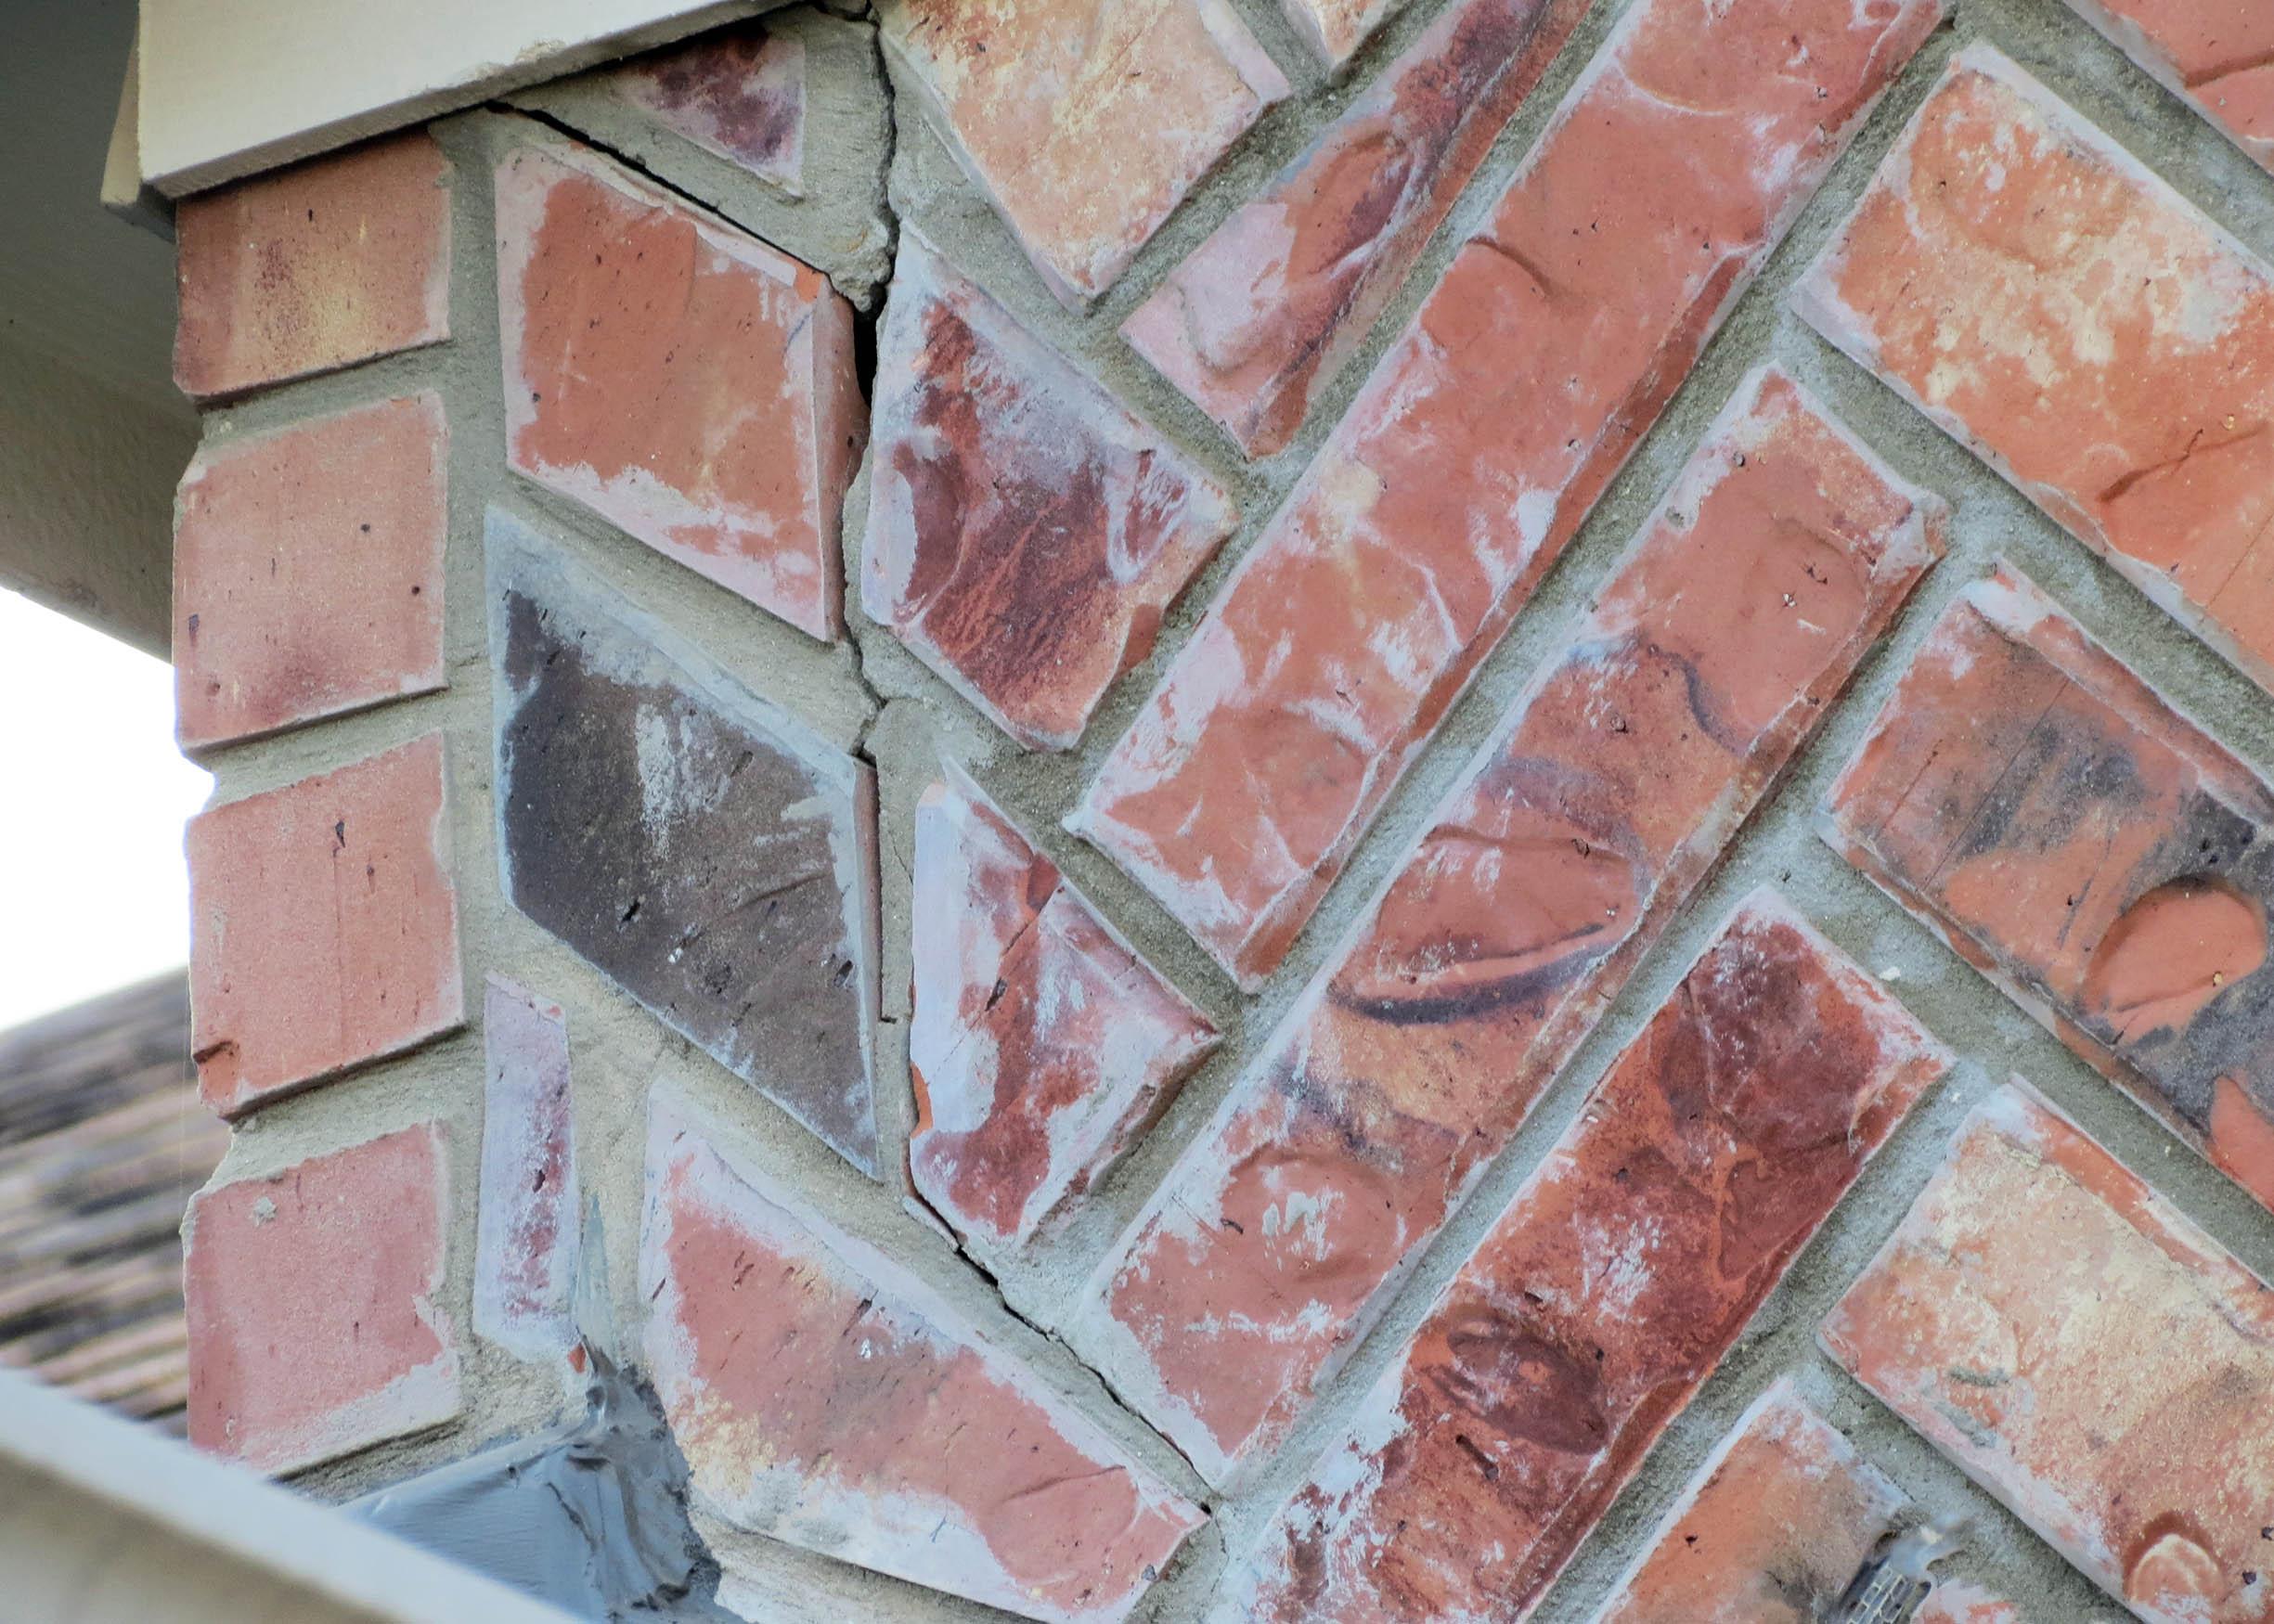 May 25, 2017 disintegrating brickwork